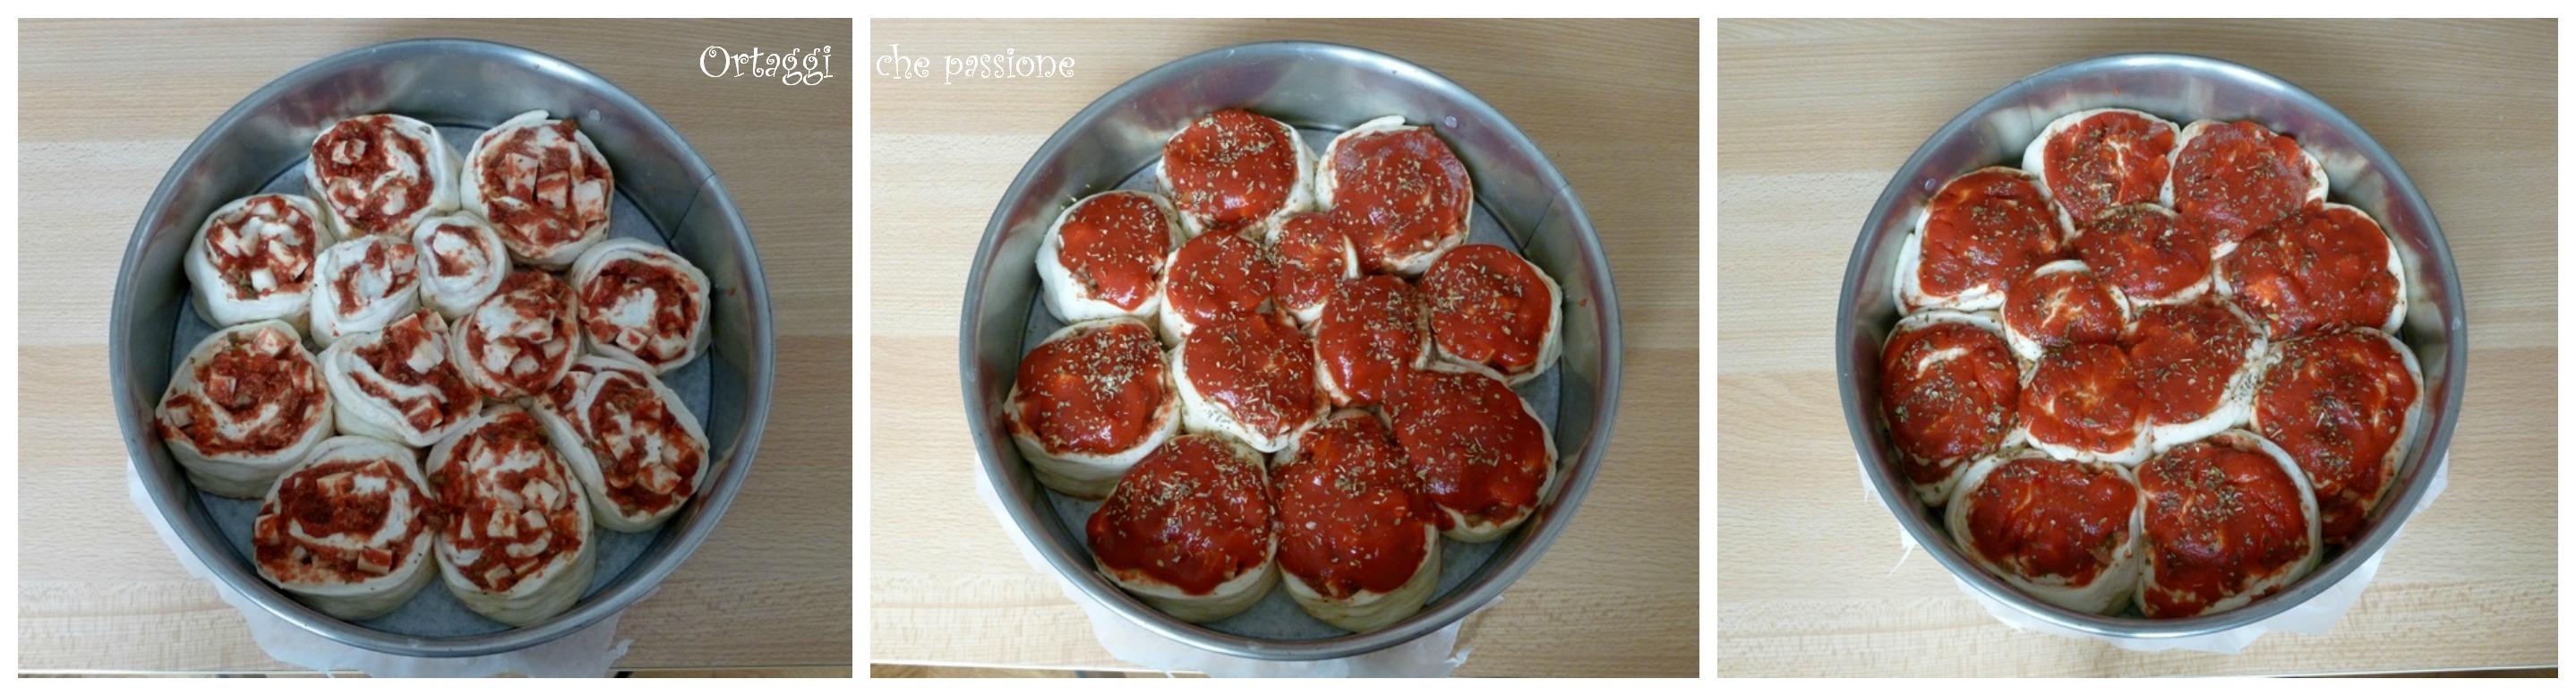 Torta di pizza di rose 3 Ortaggi che passione by Sara